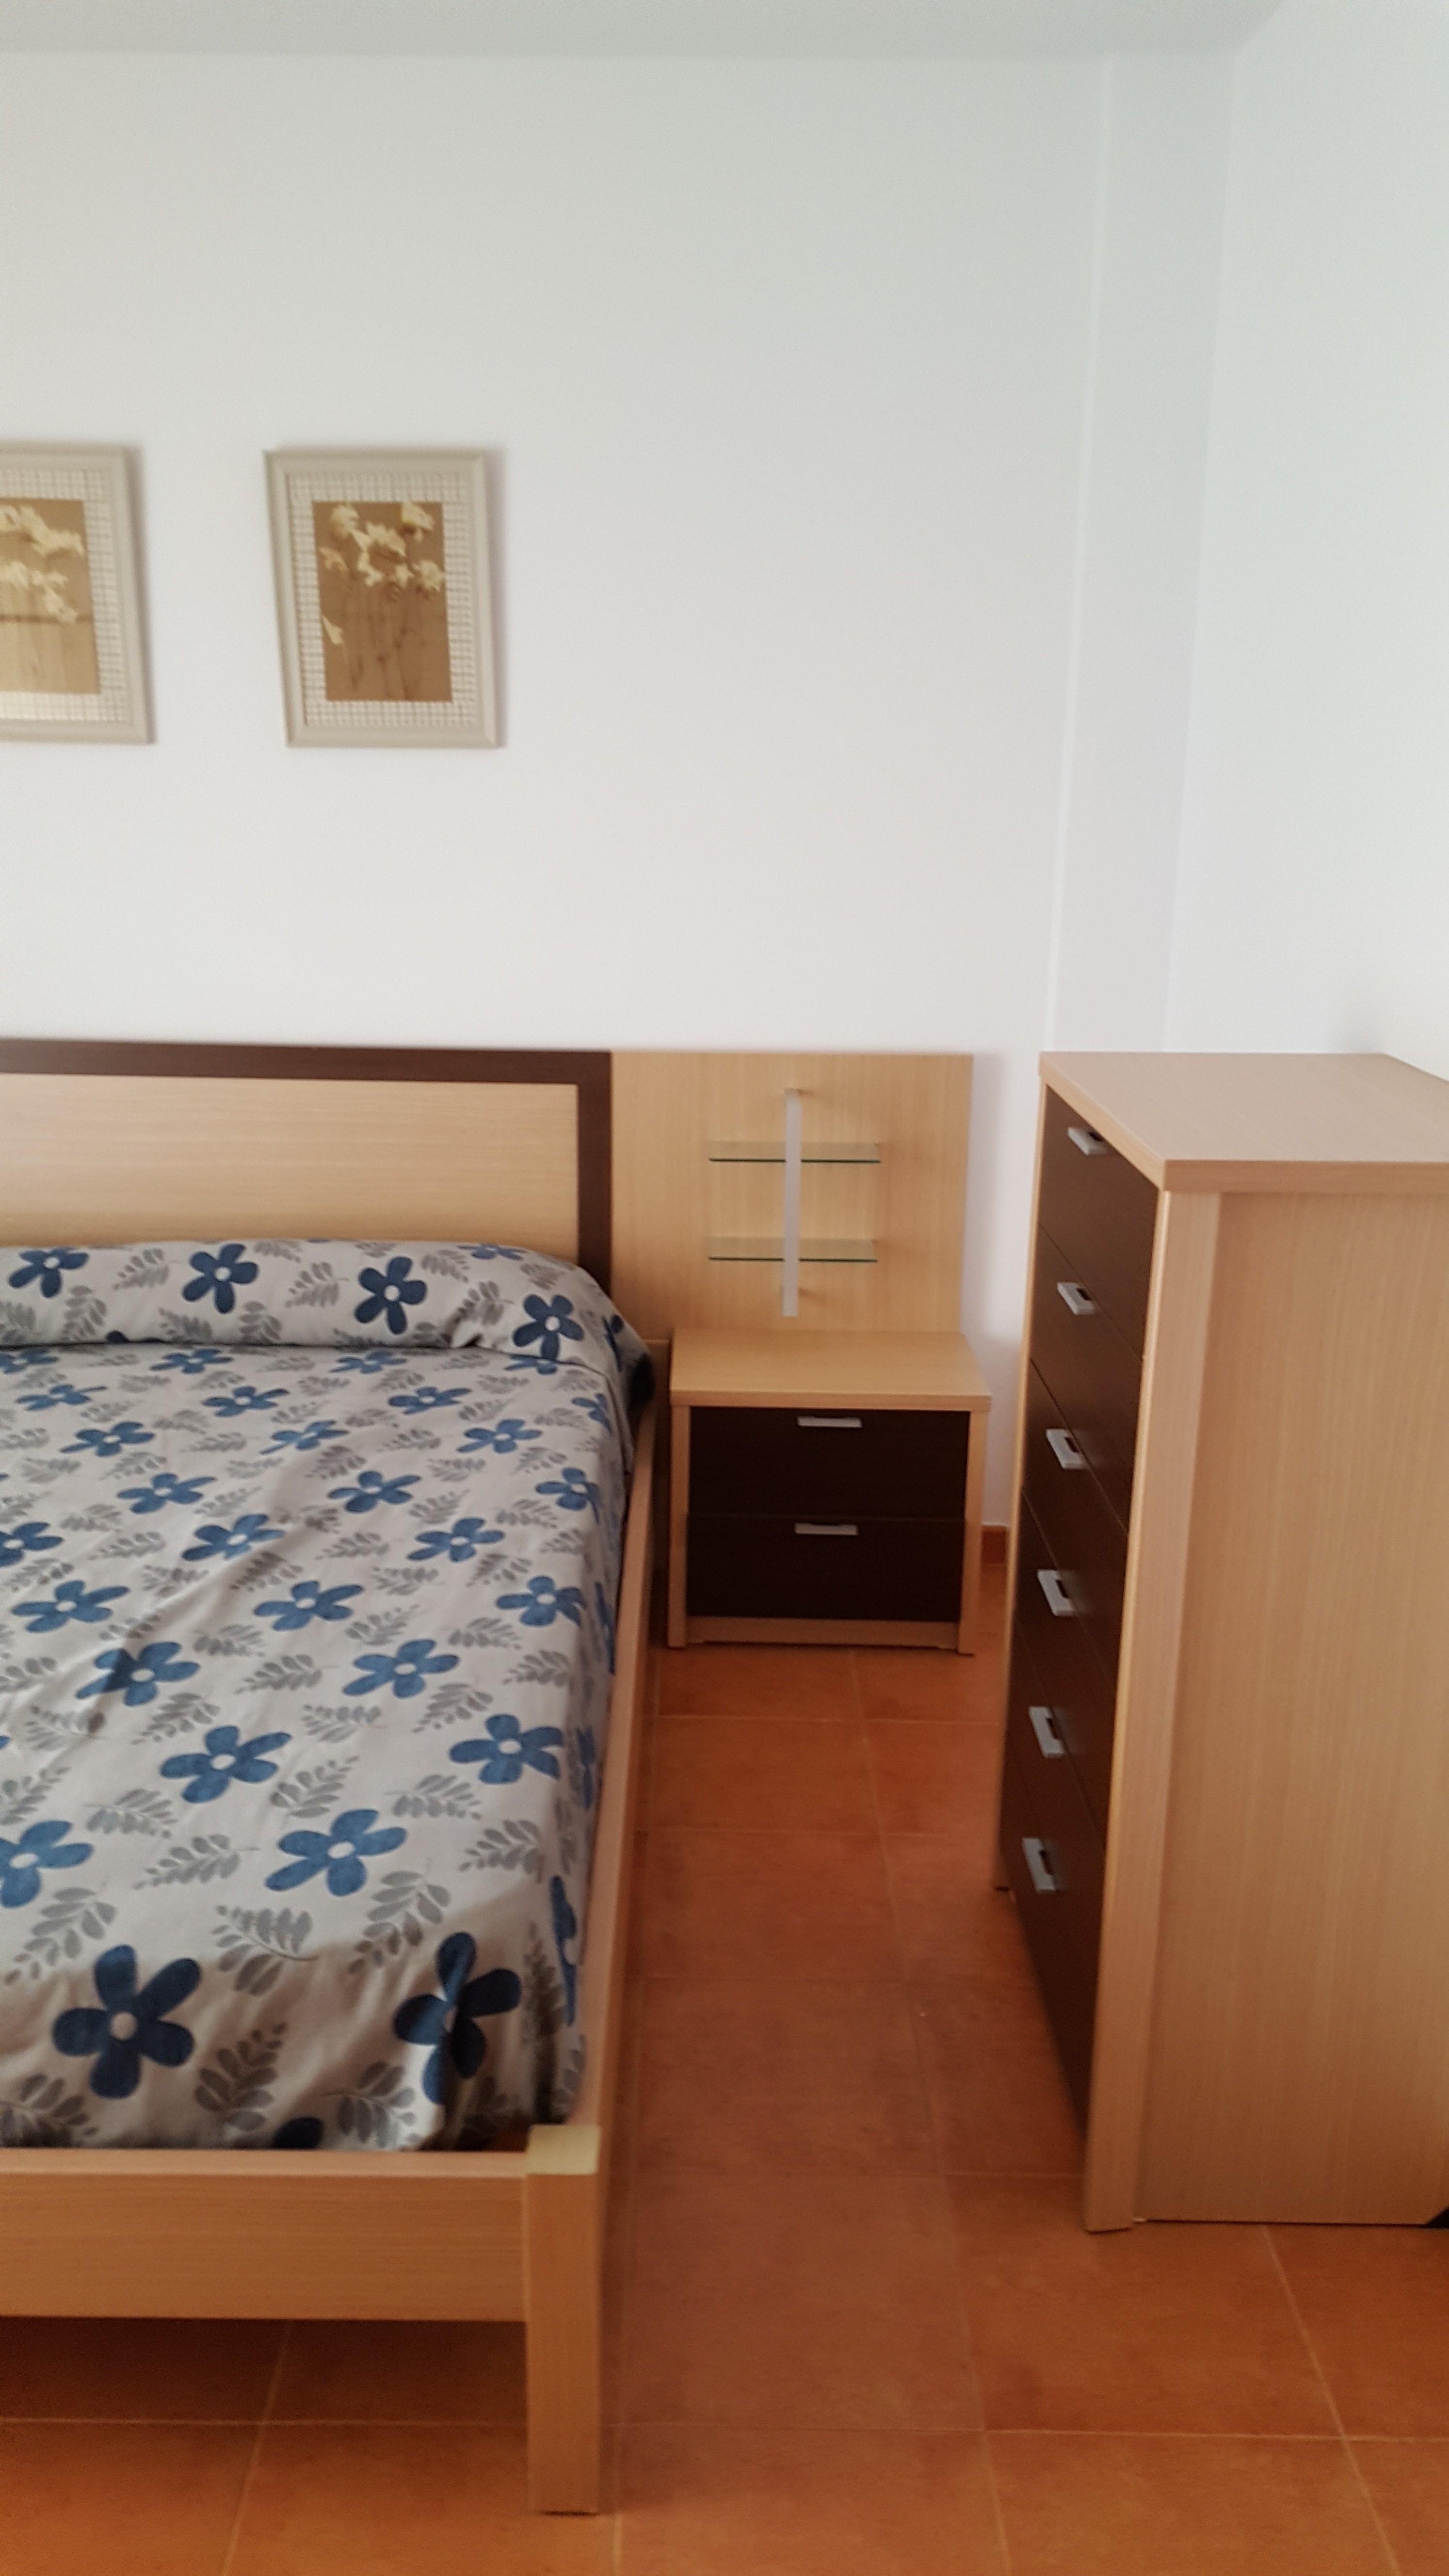 Ferienwohnung 3 Schlafzimmer Wohnung zu vermieten in Mojcar, Spanien (2388895), Mojacar, Costa de Almeria, Andalusien, Spanien, Bild 12